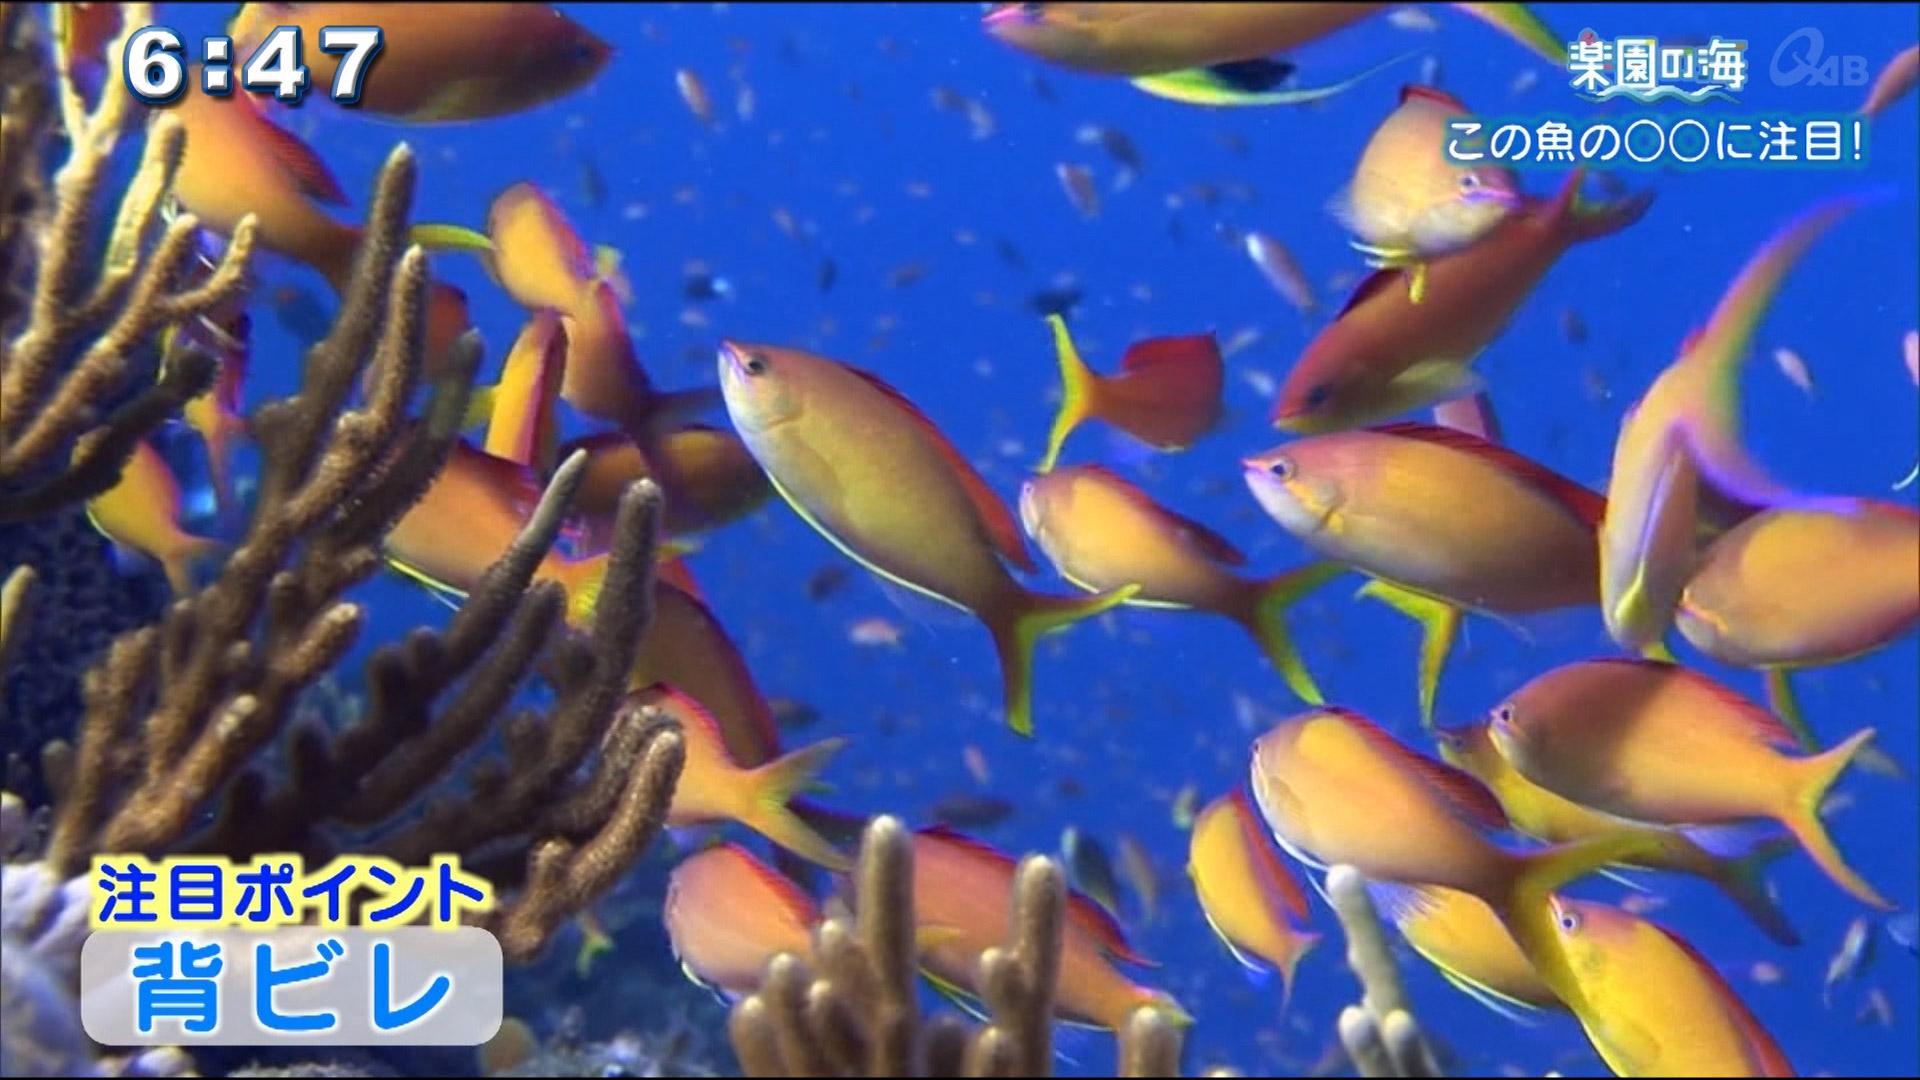 楽園の海 この魚の〇〇に注目!!